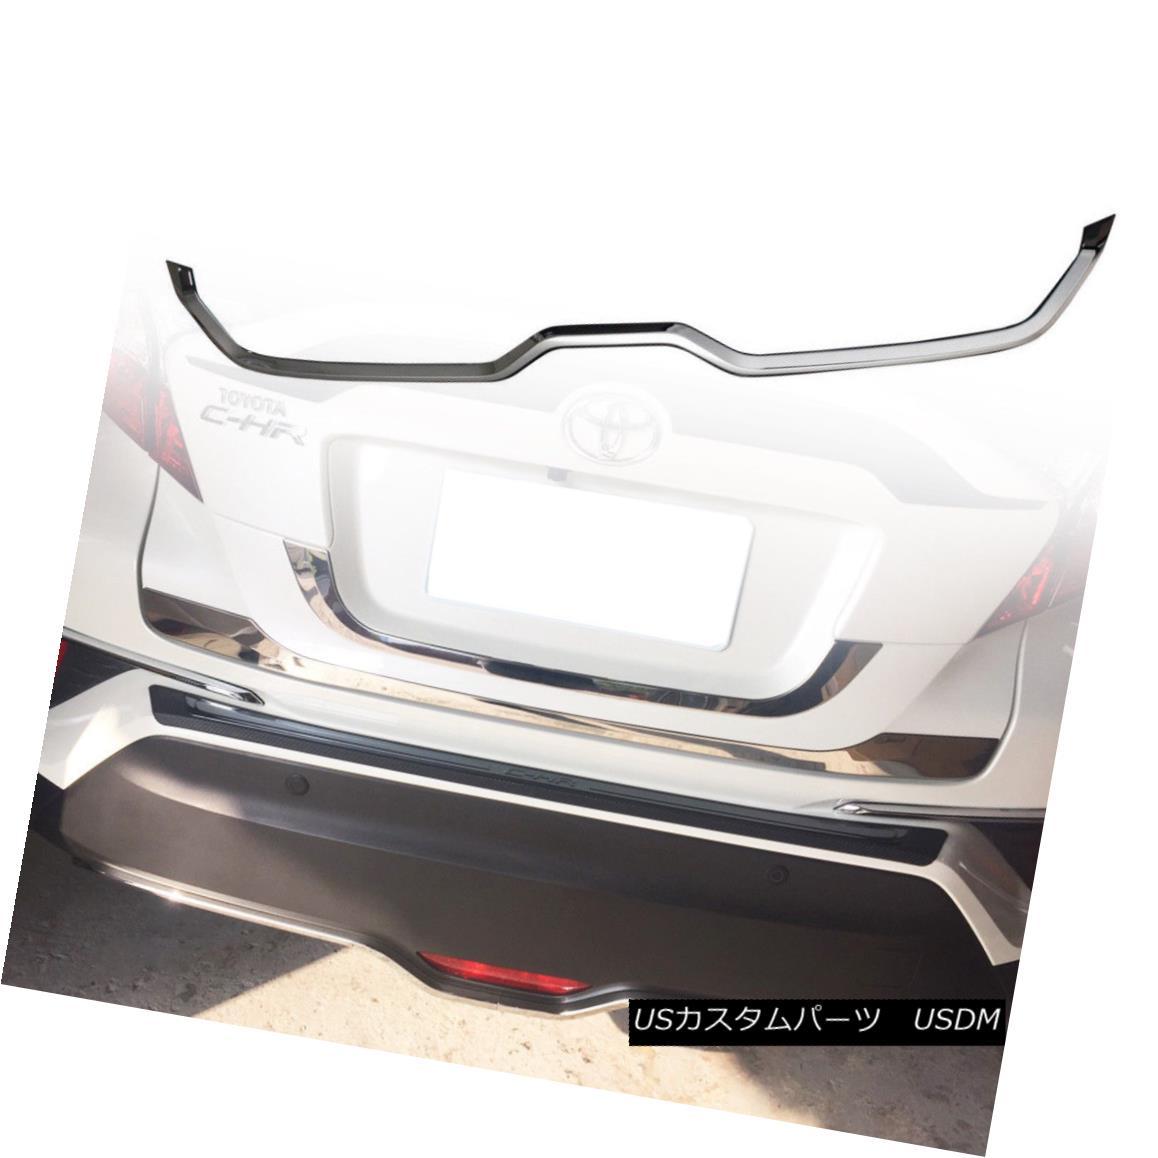 エアロパーツ C-HR SUV Hatcback FOR TOYOTA ABS Chrome Rear Bumper Under Garnish 2016up トヨタABSクロームリアバンパー用C-HR SUVハッチバック